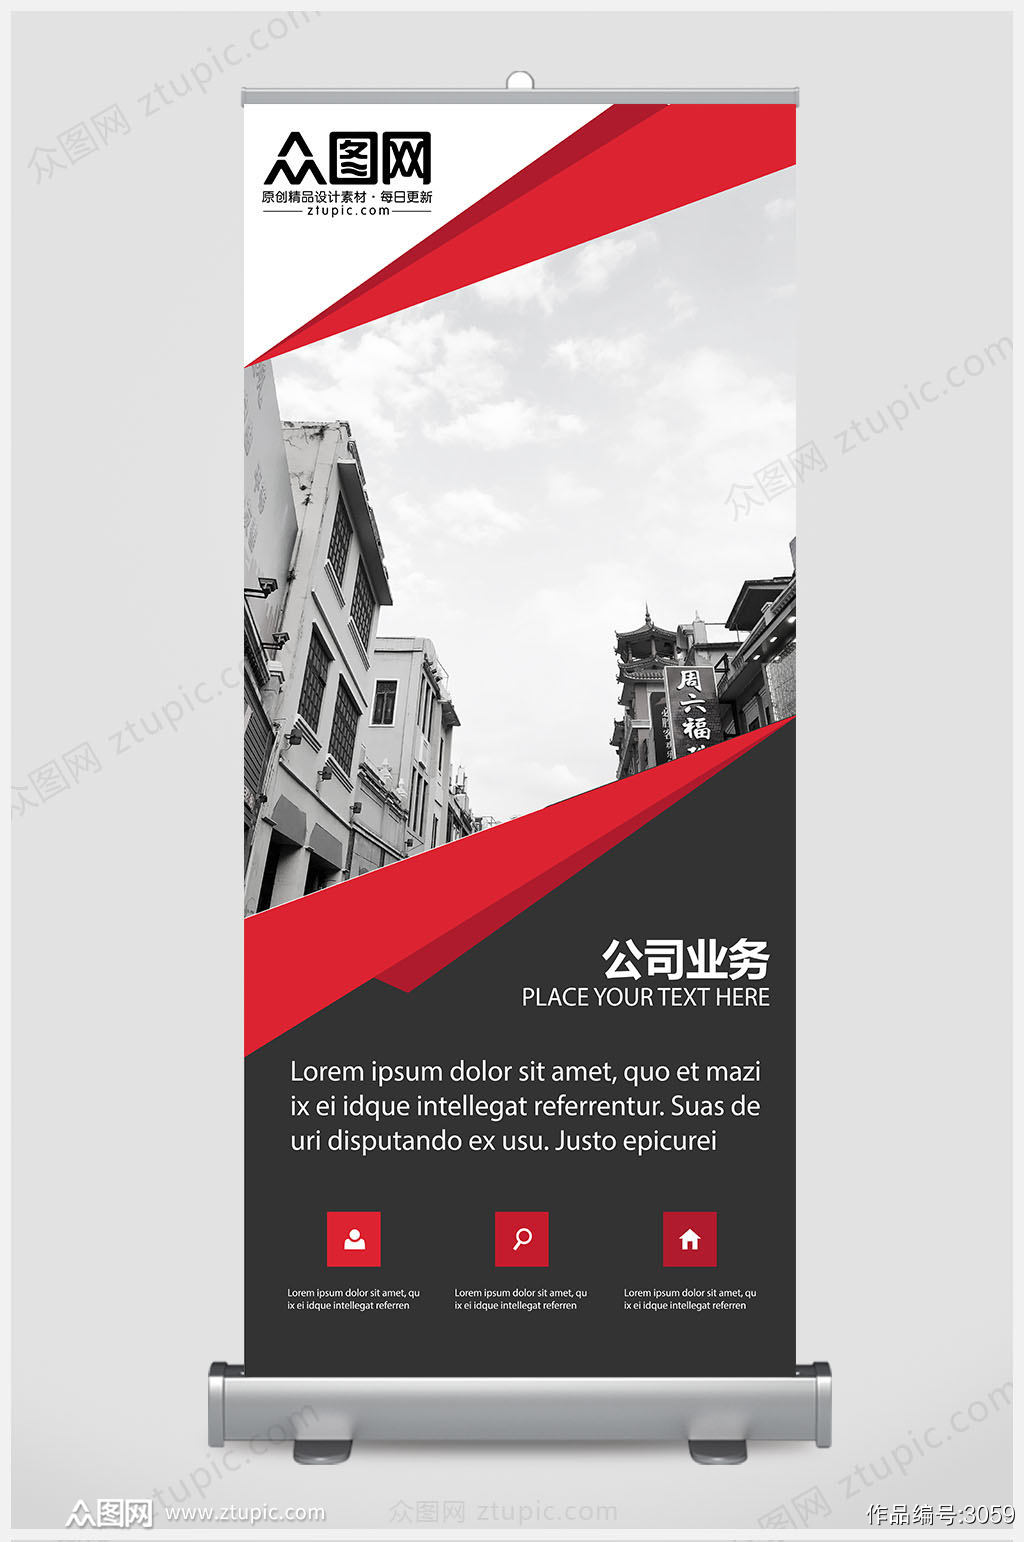 商务传媒广告公司企业优势企业形象丽屏展架素材